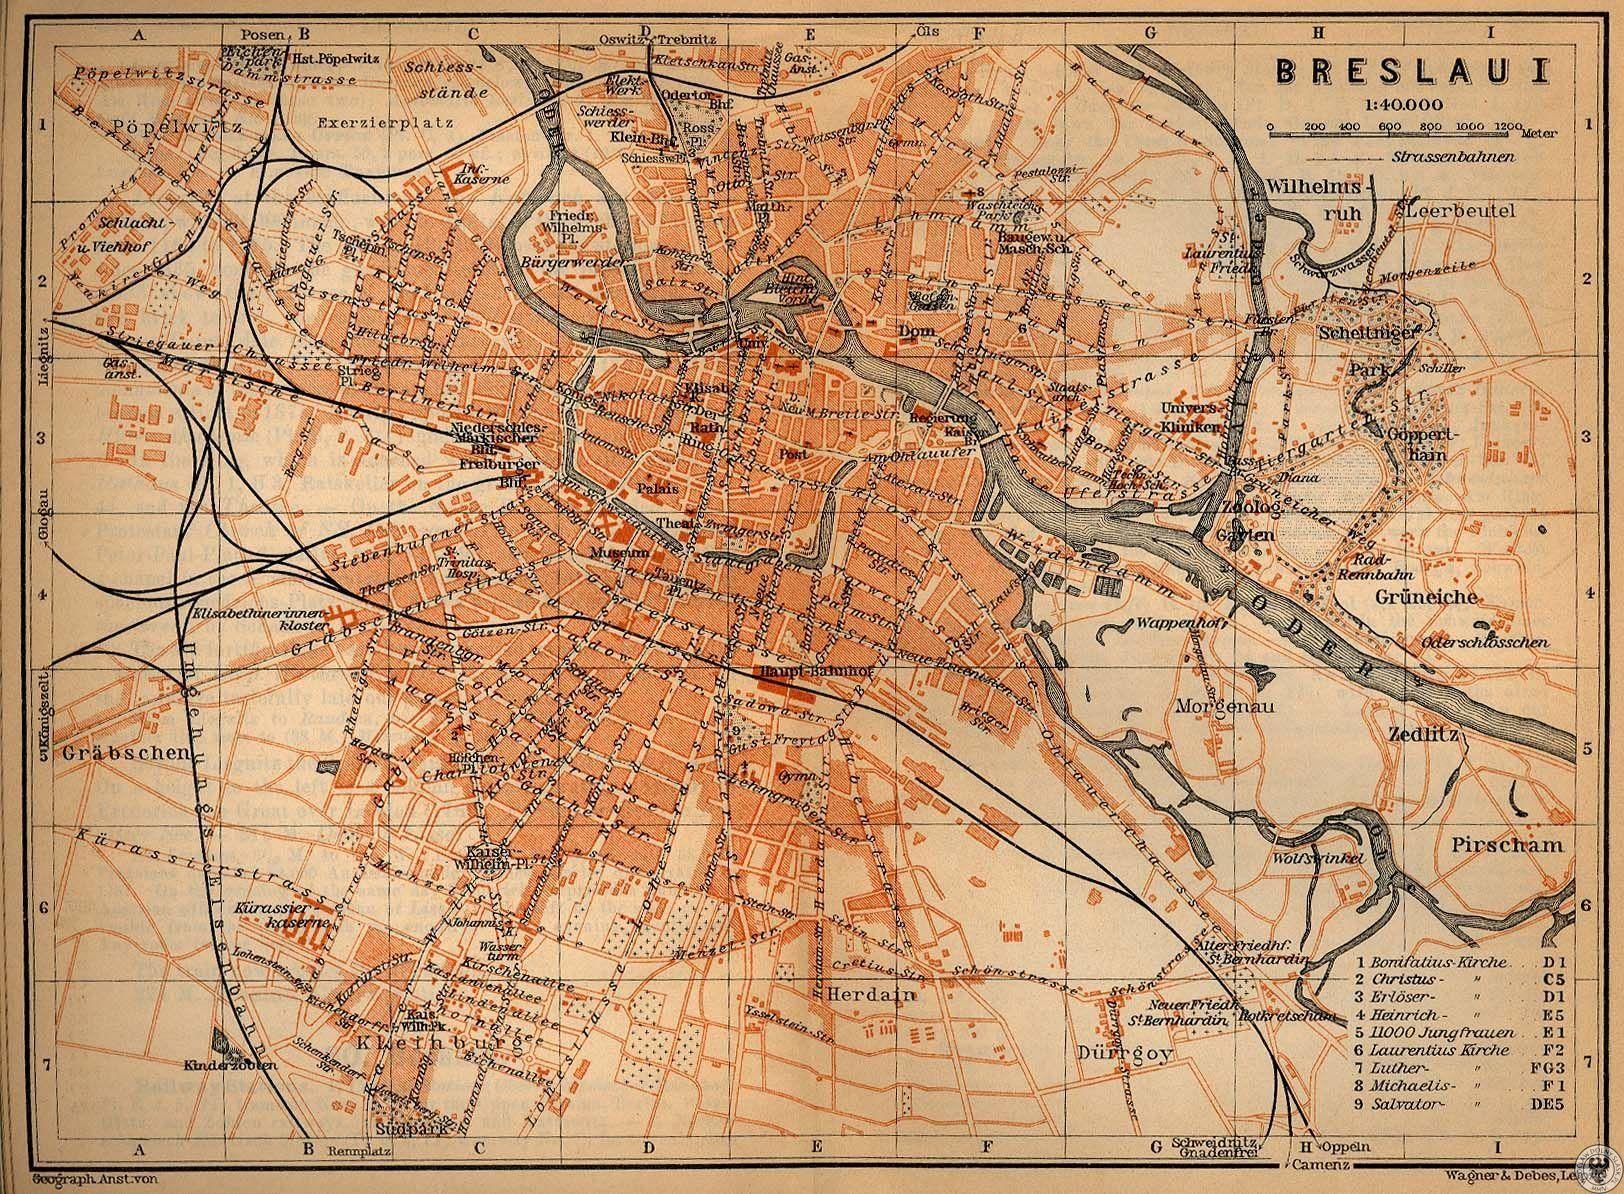 Breslau Karte 1930.Stadtplan Breslau Aus Den 1920er Jahren Deutschland